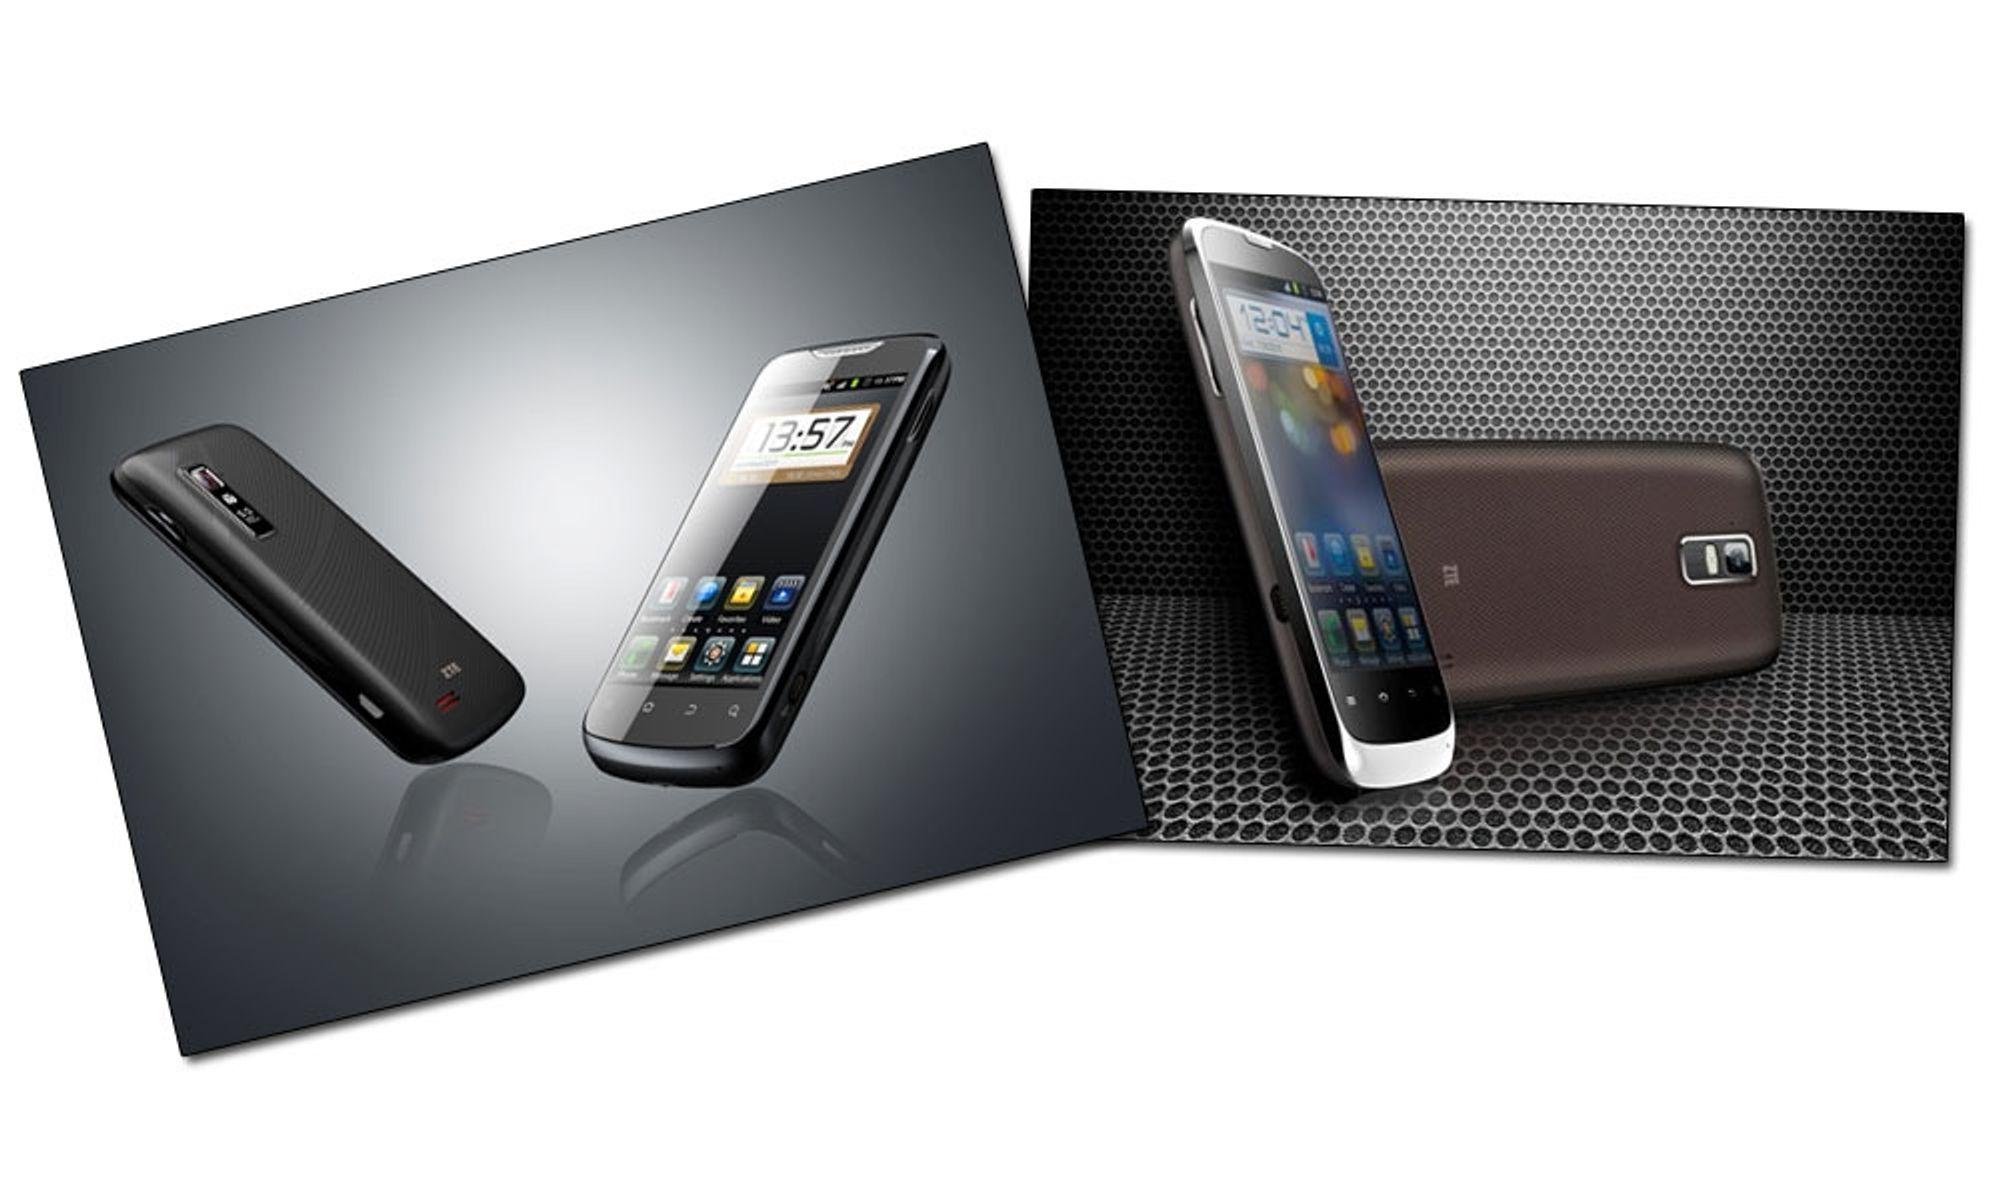 ZTEs to nye kjører Android 4.0